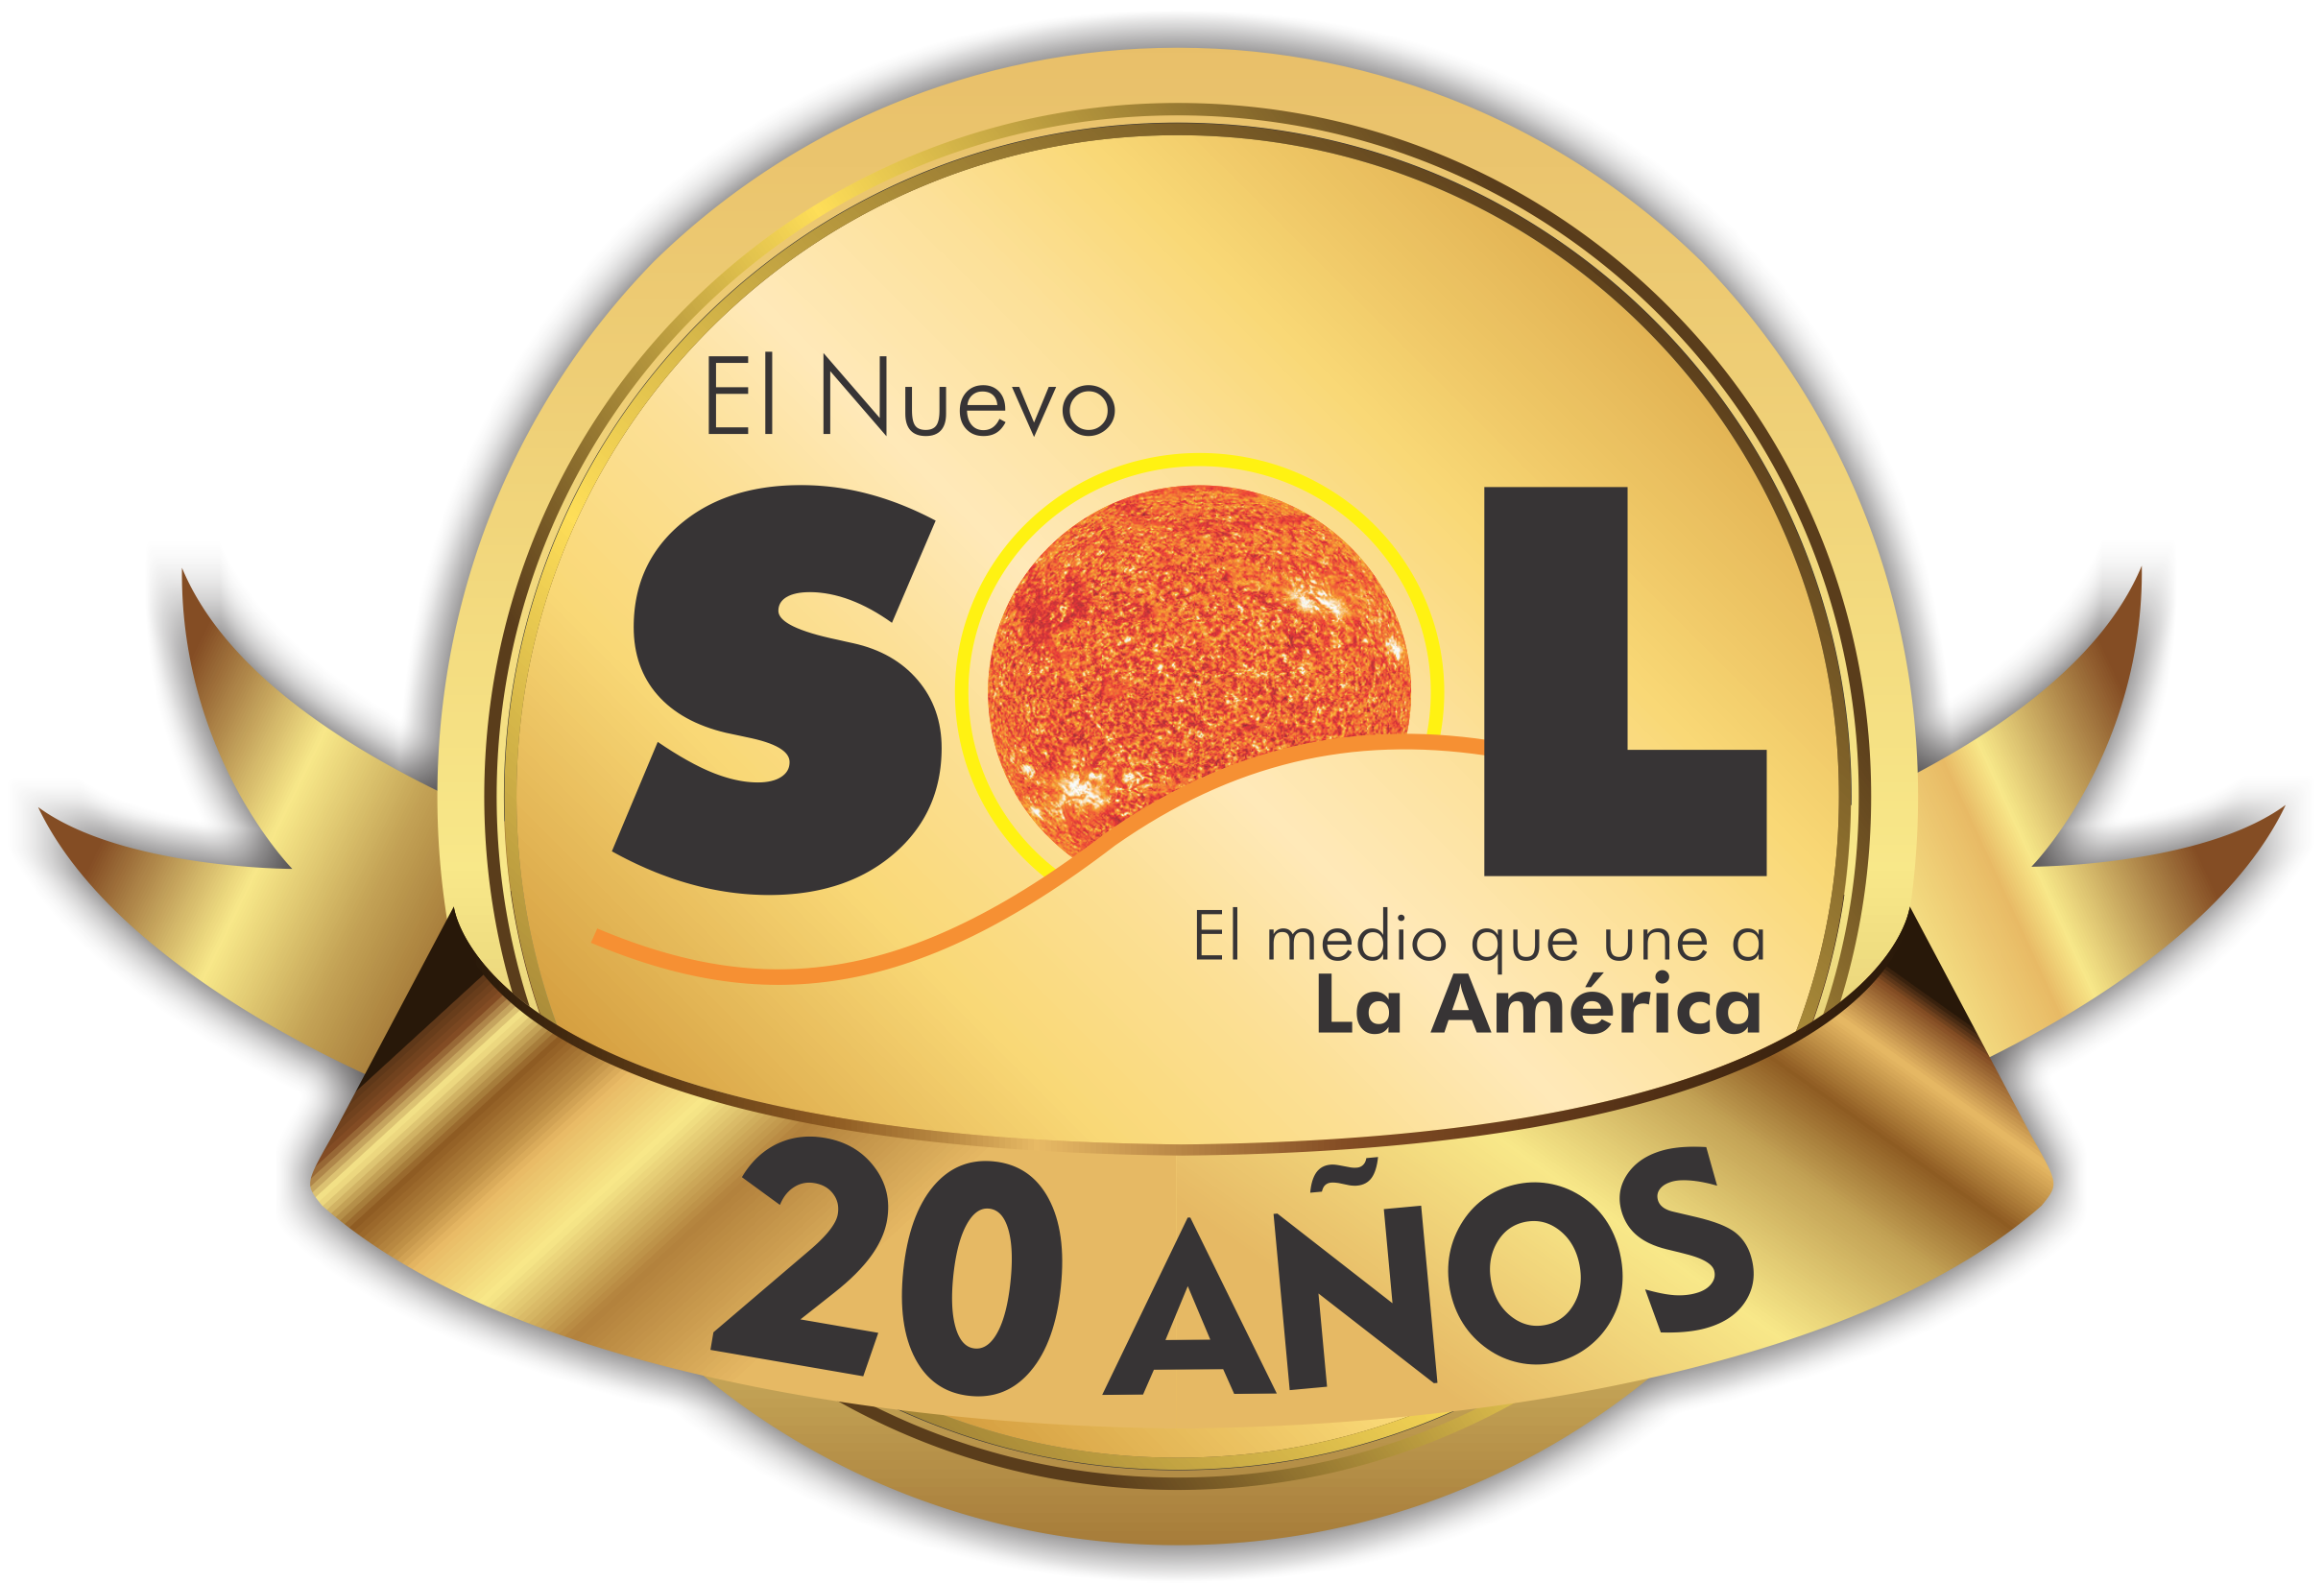 1. EL NUEVO SOL